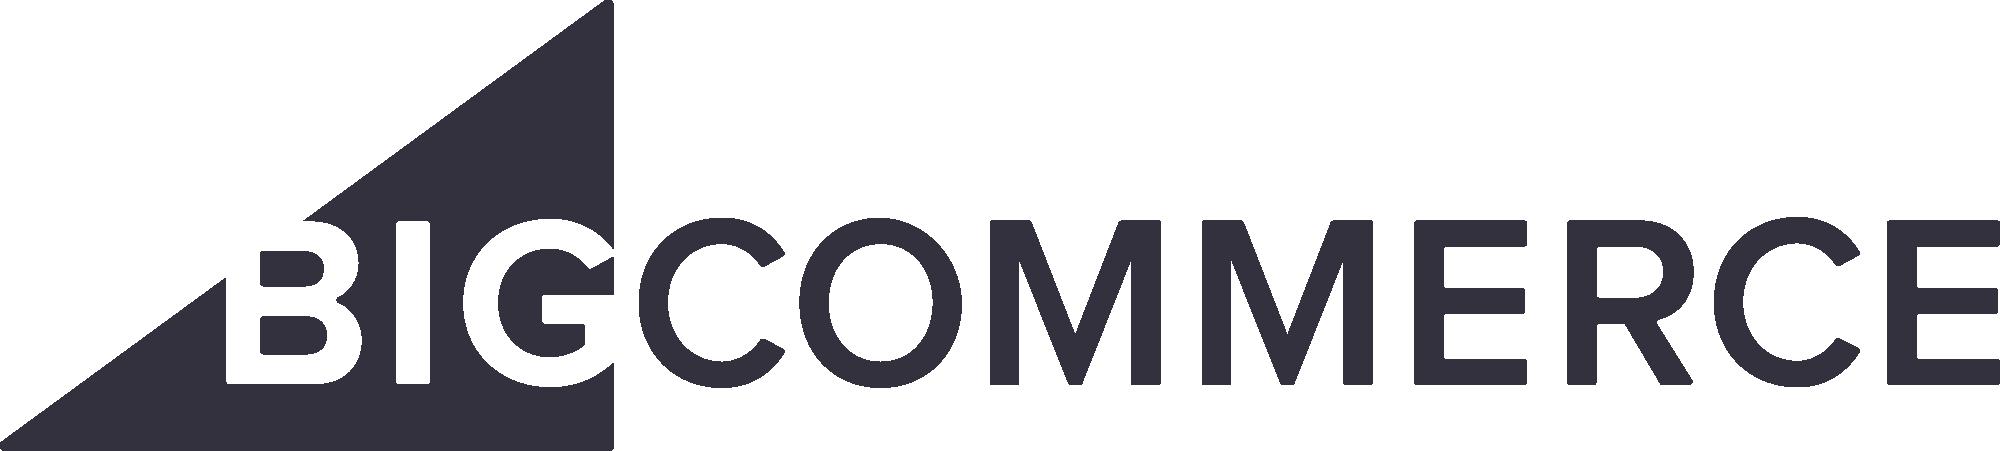 Big commerce - Haz crecer tu empresa con ventas Online y aumenta tus utilidades con Big Commerce y Acumatica ERP